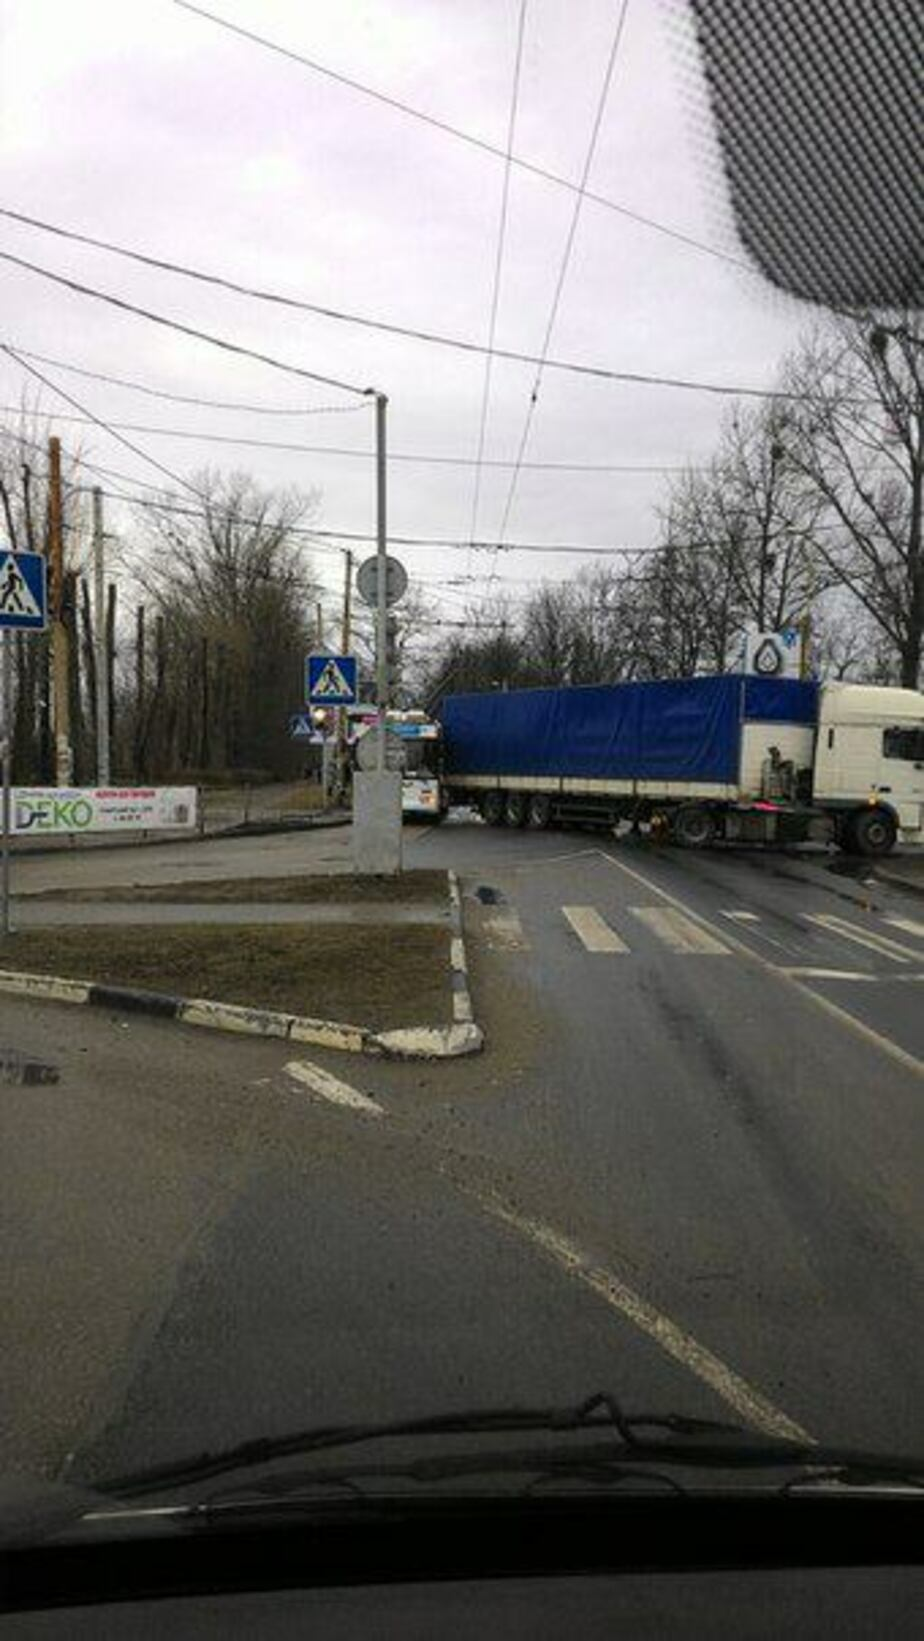 На Советском проспекте фура столкнулась с троллейбусом: движение заблокировано - Новости Калининграда